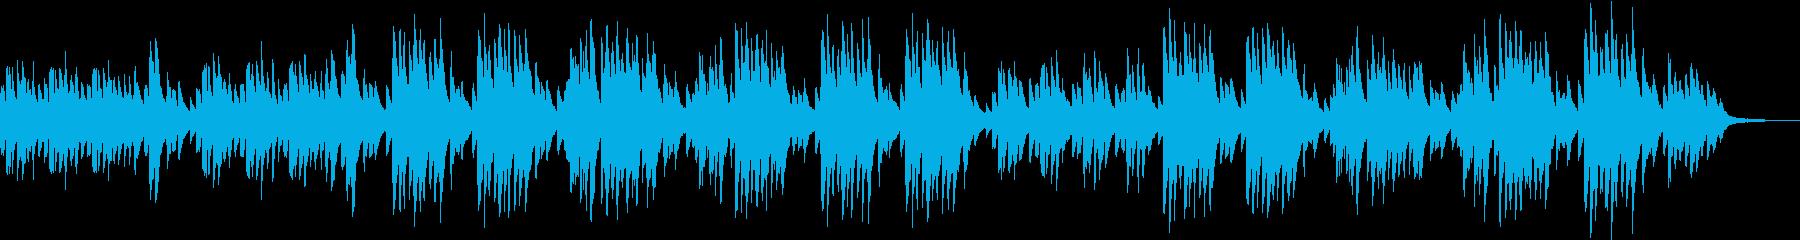 グノシェンヌ第一番/サティ【ピアノソロ】の再生済みの波形